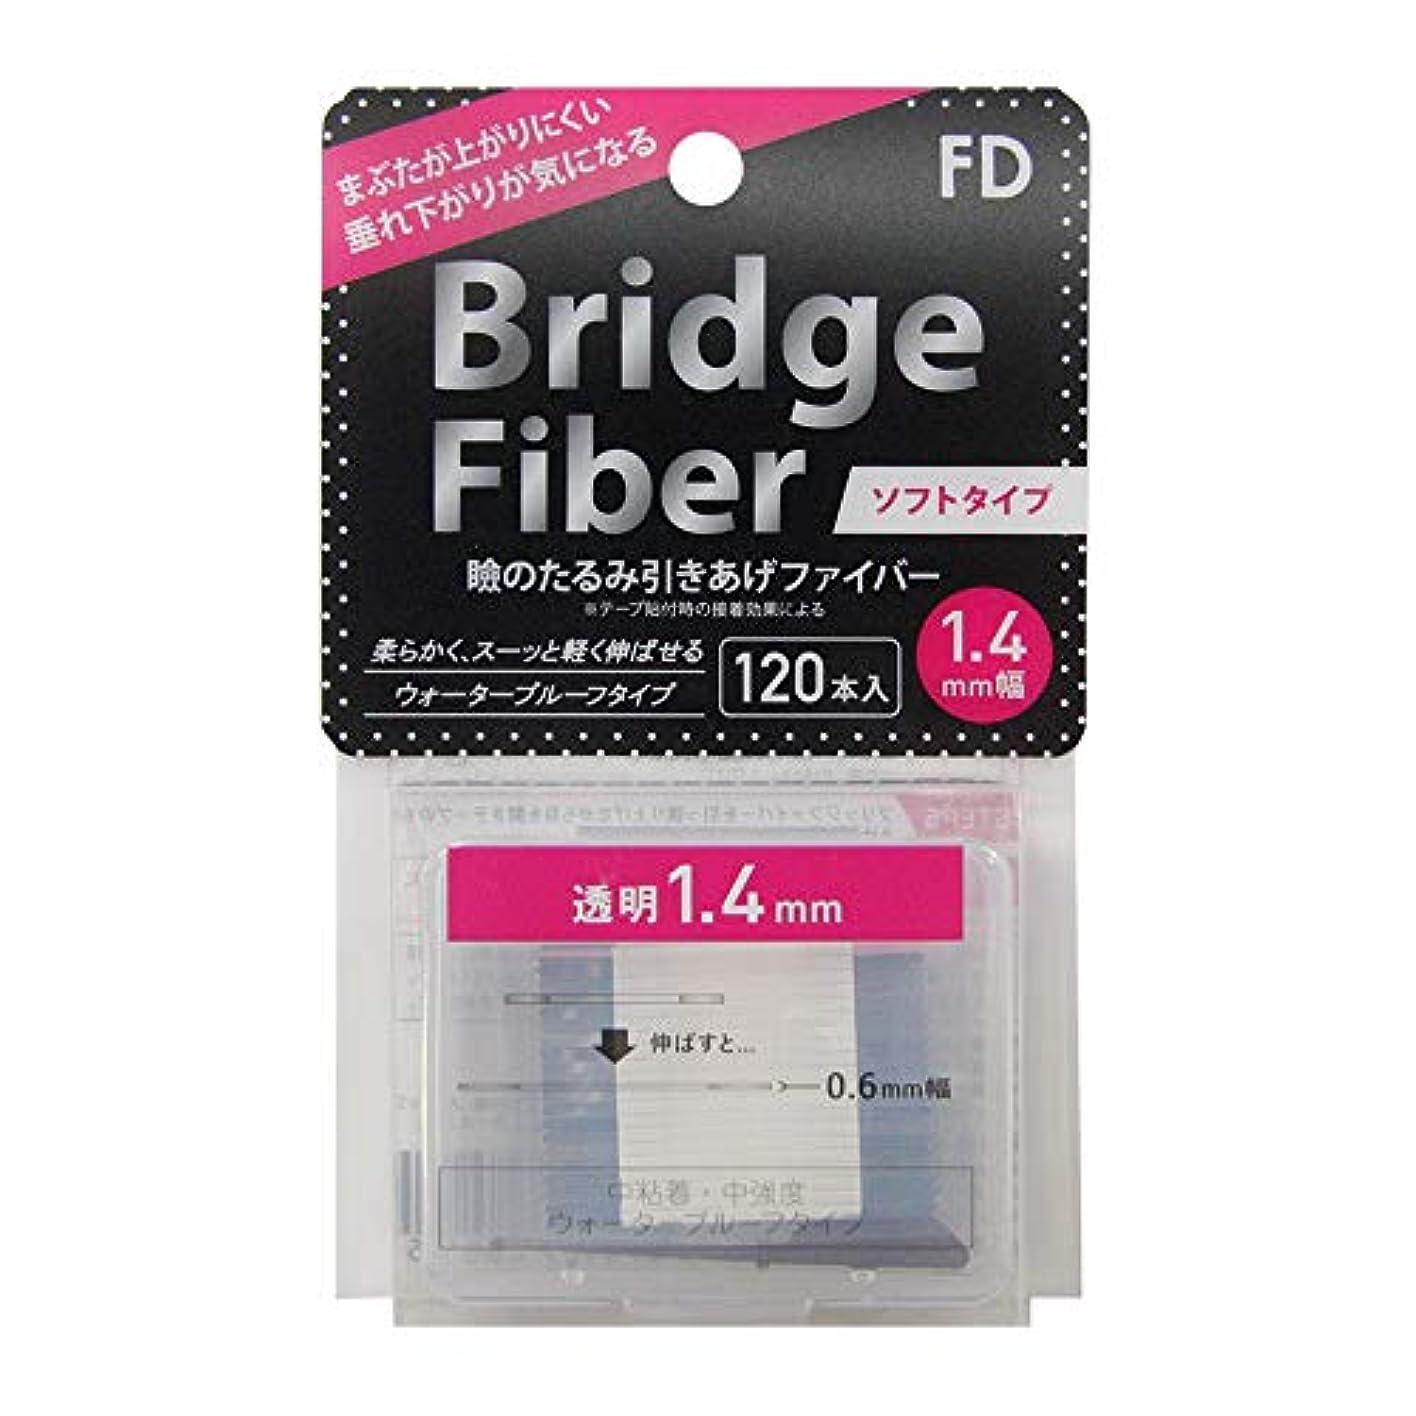 バーゲンキャリア起こりやすいFD ブリッジソフトファイバー 眼瞼下垂防止テープ ソフトタイプ 透明1.4mm幅 120本入り